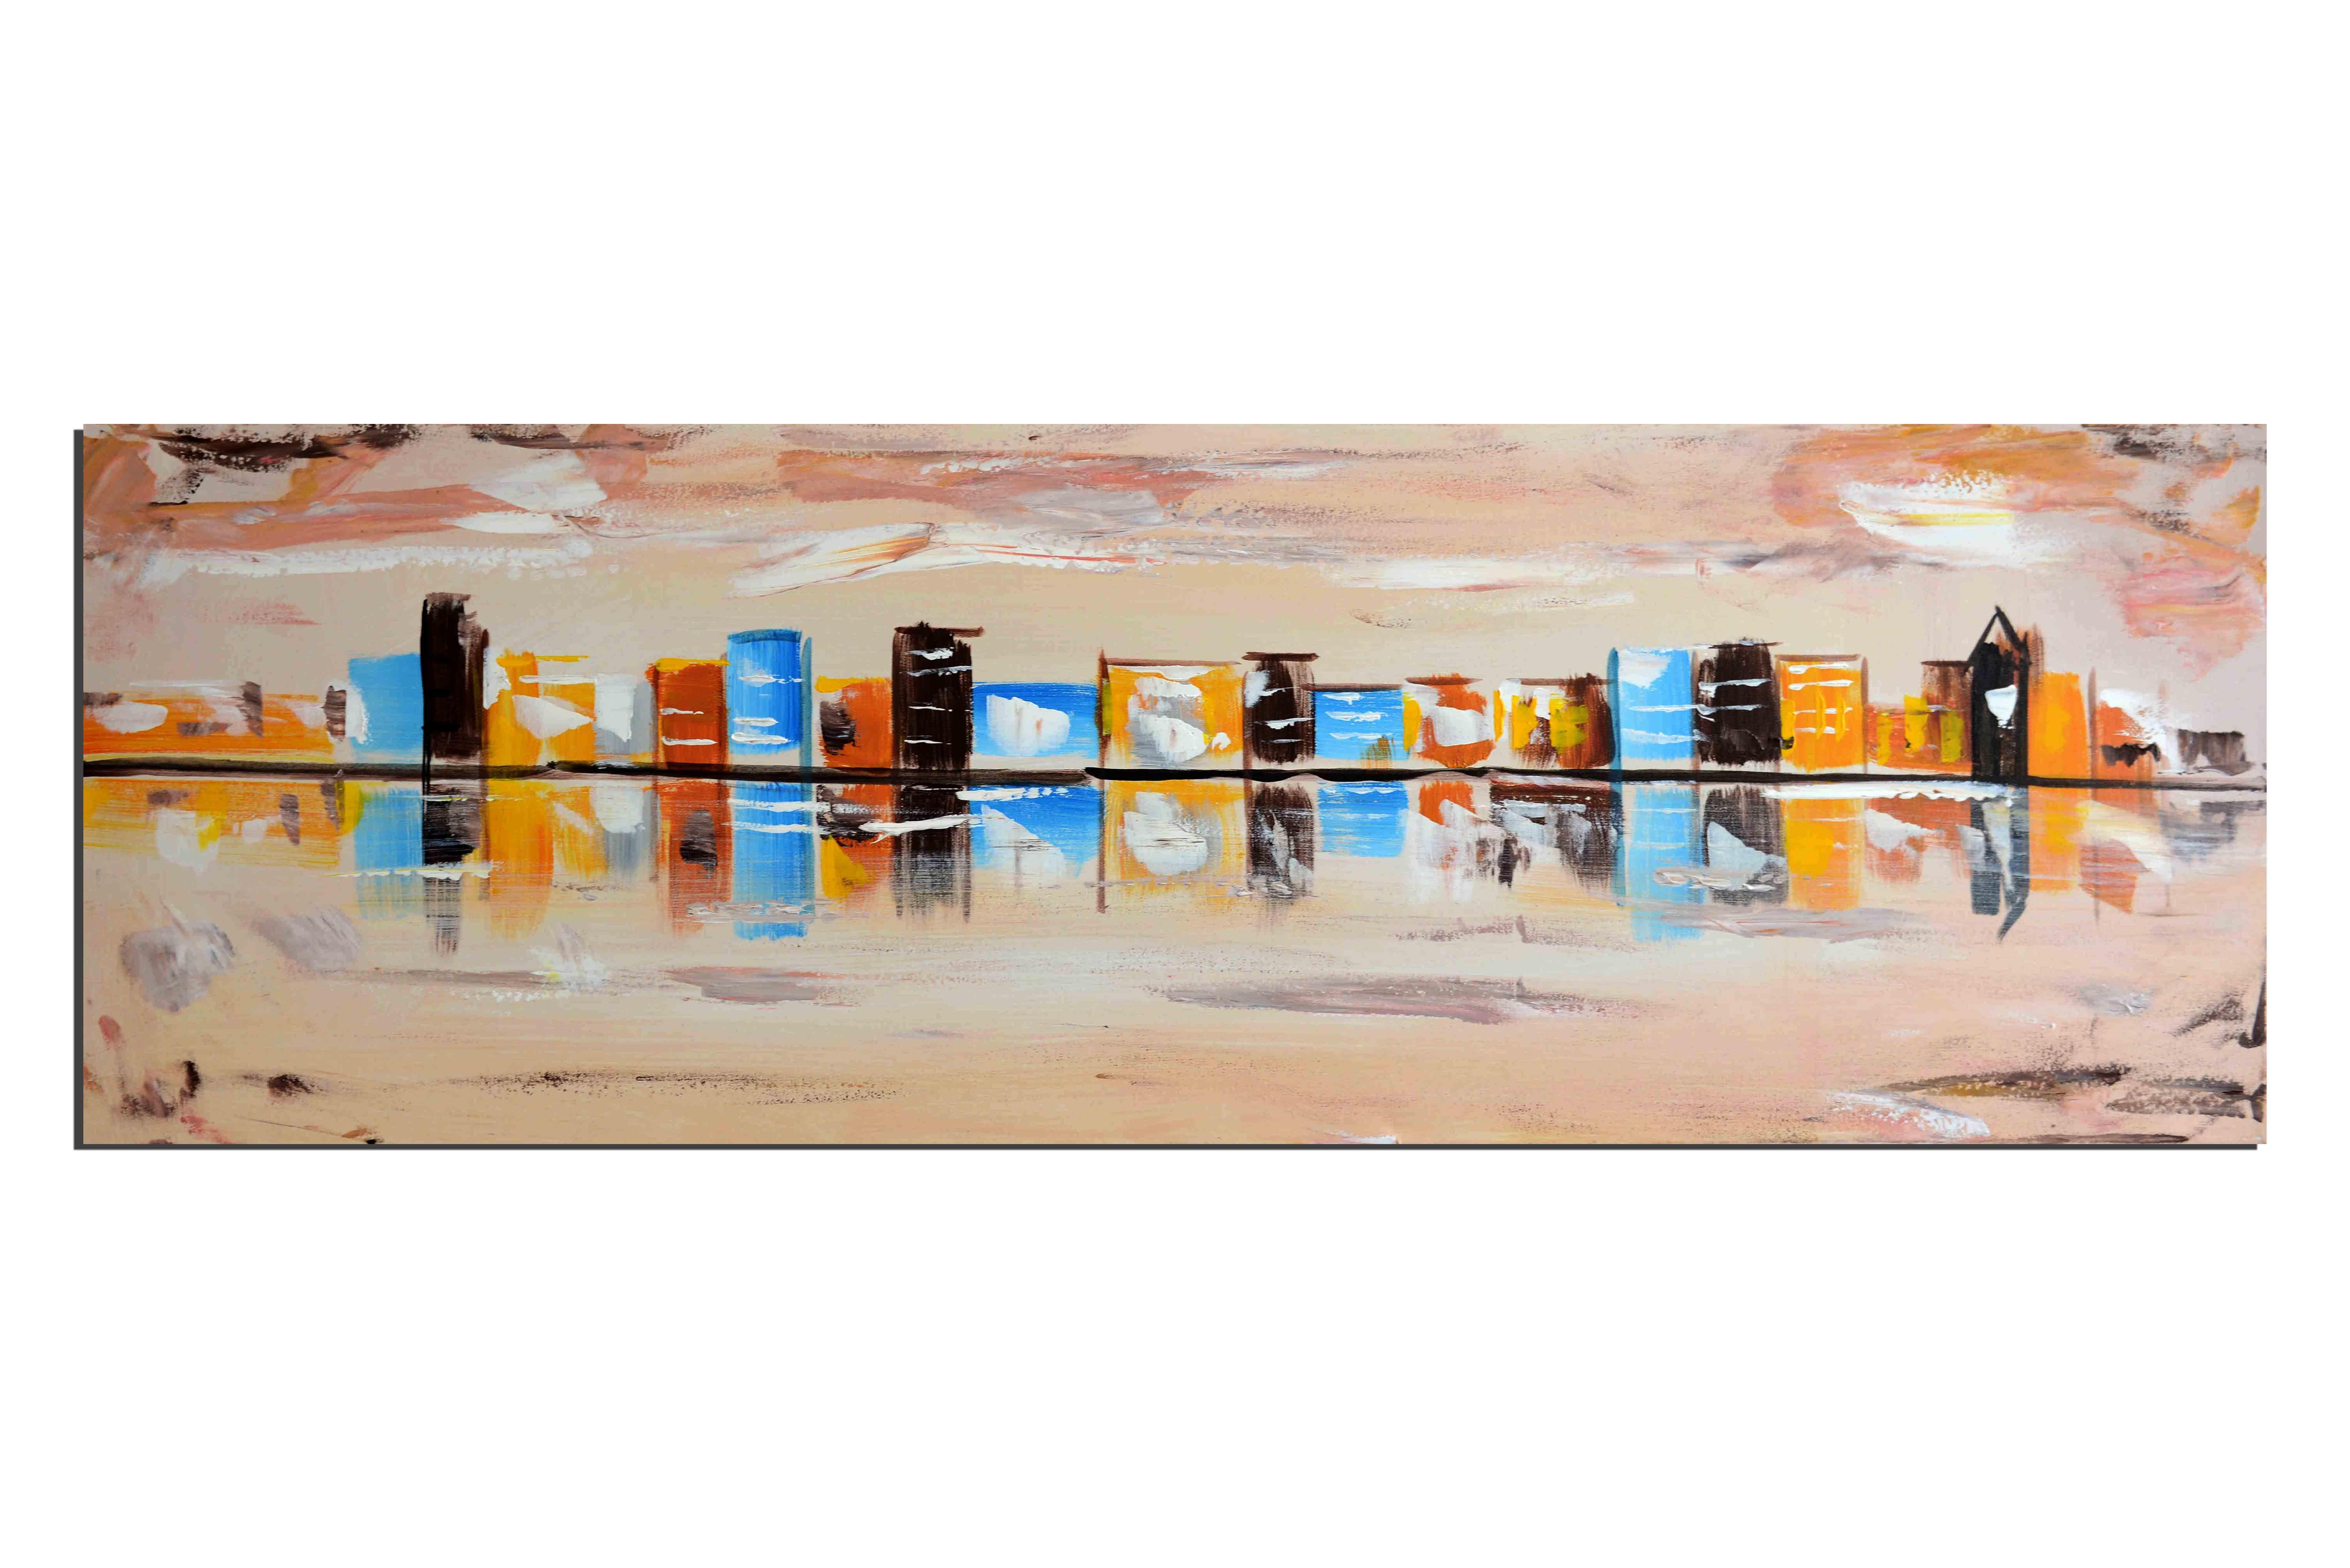 Peinture tableaux ville peinture sur soie tableaux triptyque - Tableaux de peinture a l huile ...